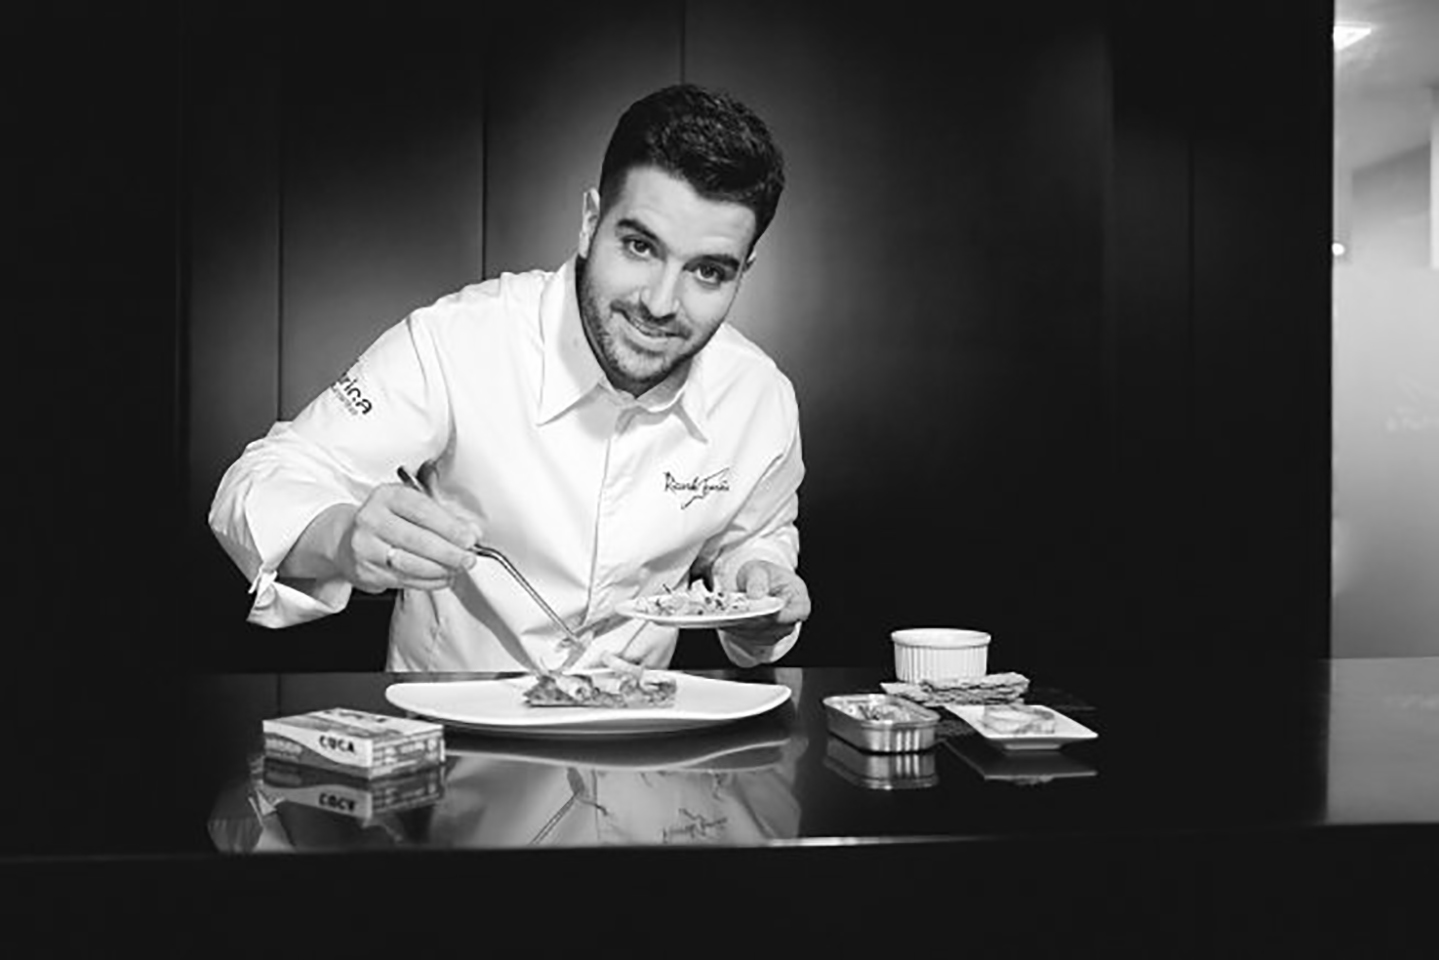 """""""Cena de Canallas"""" El 5 de junio en Aticcook, con Ricardo Temiño como Primer Chef invitado"""